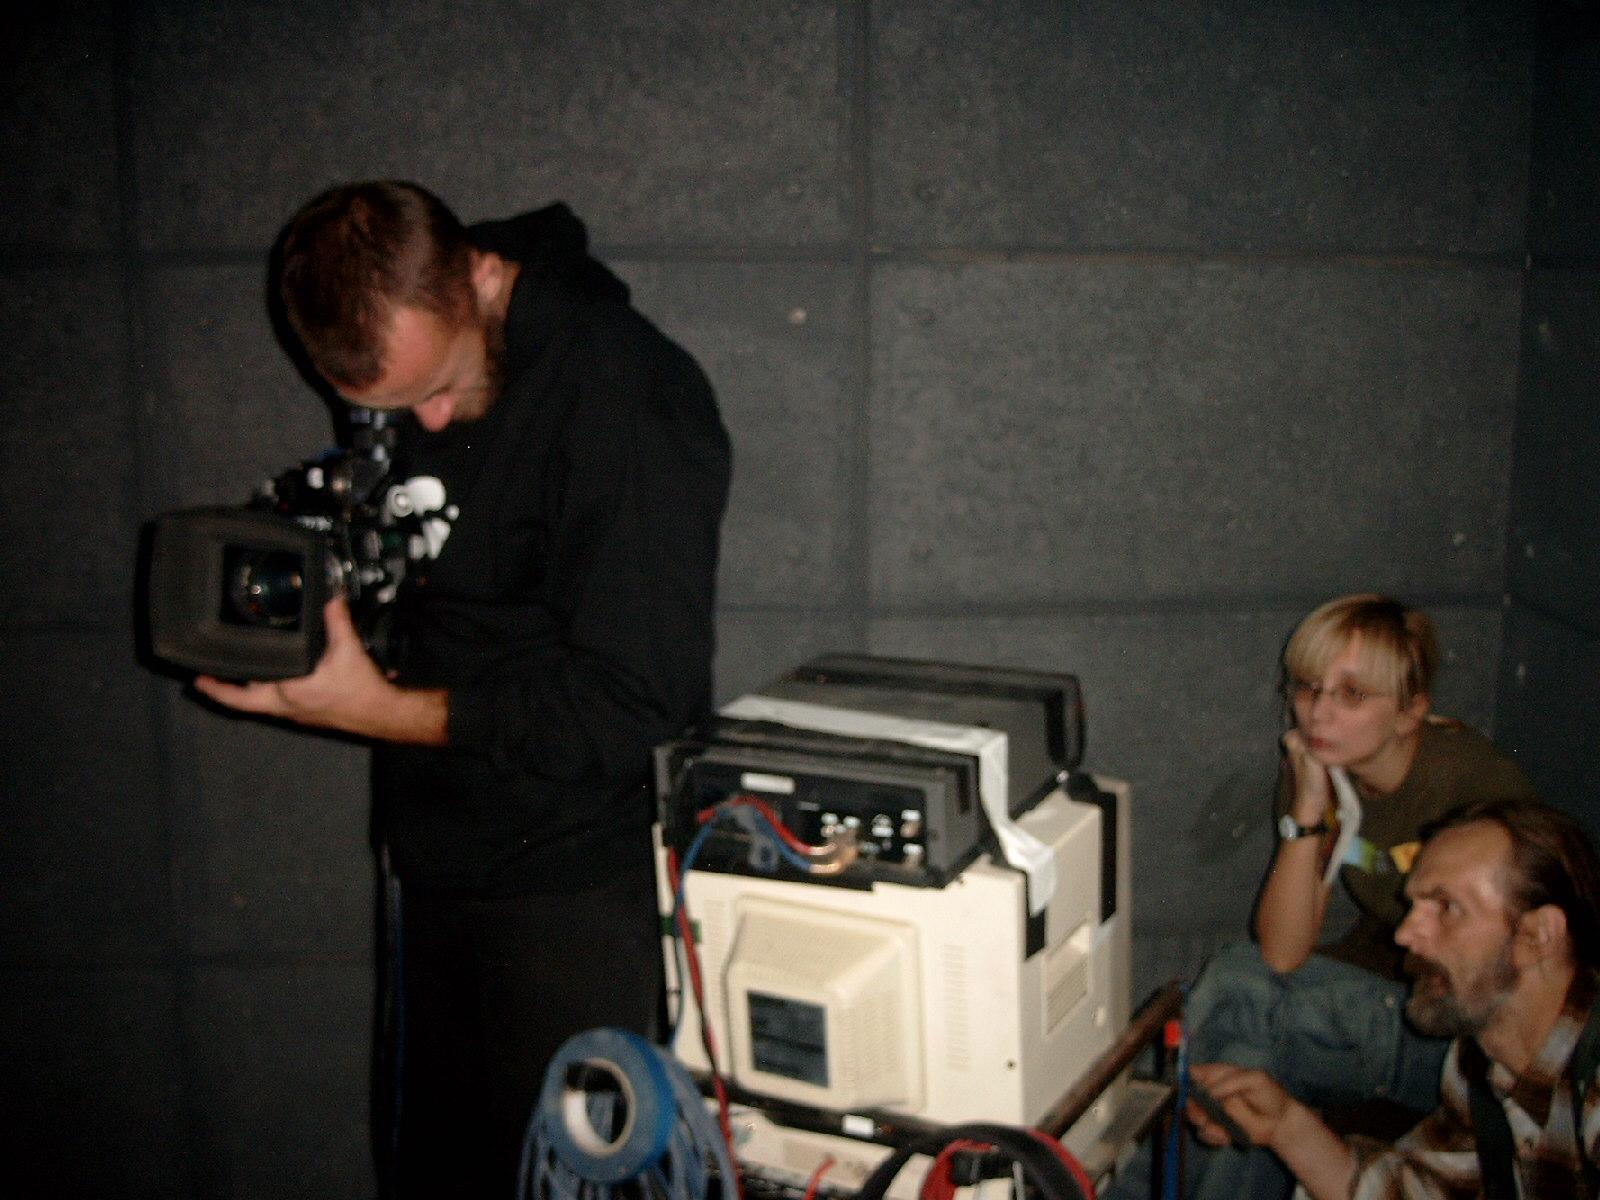 Regizoarea Andreea Paduraru la video assist si directorul de imagine Tudor Lucaciu la camera